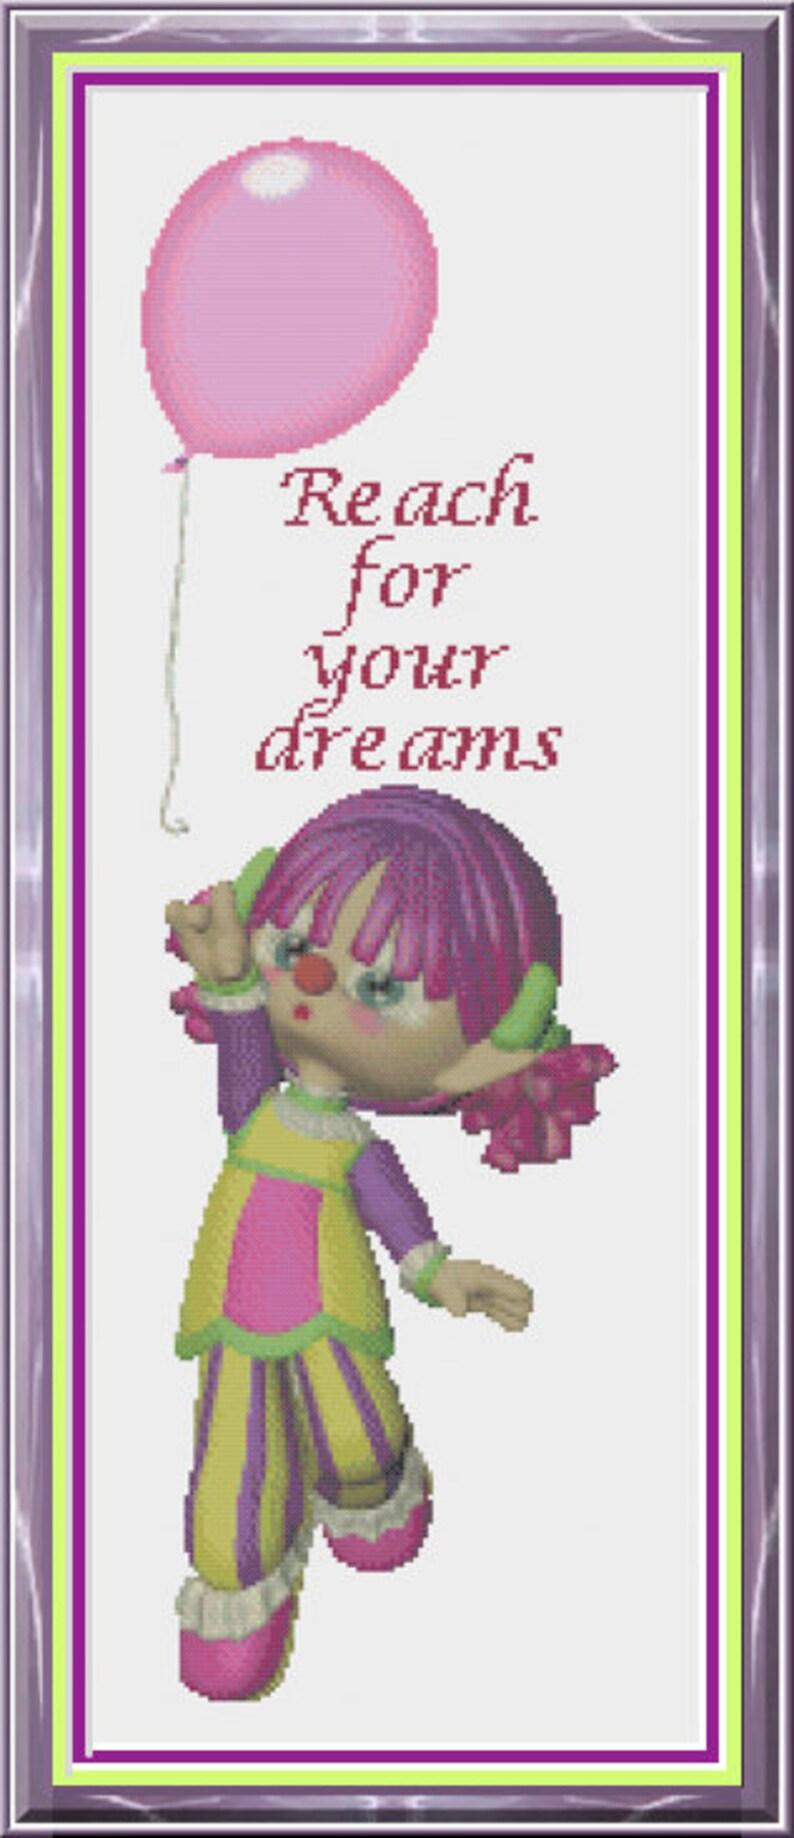 Cute Little Clown Clown Reaching For Balloon Reach for Your image 1